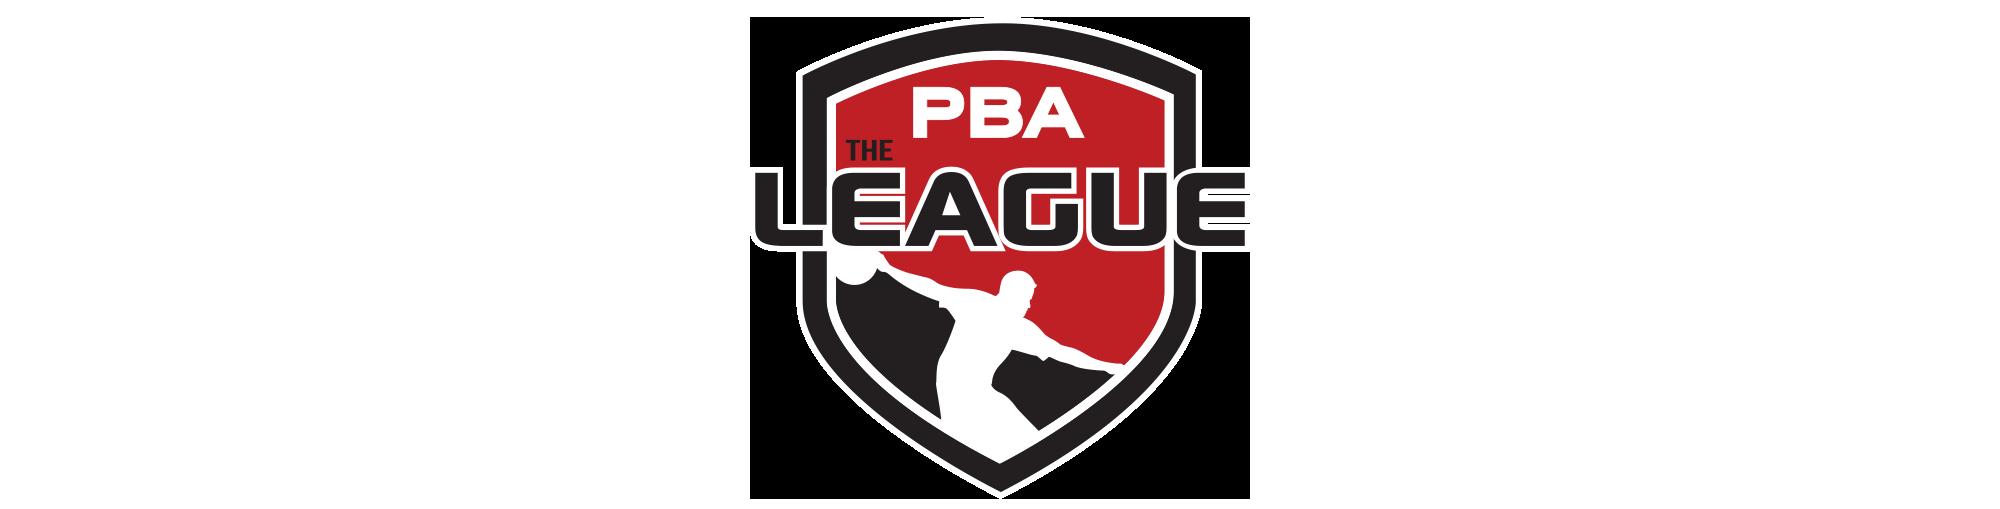 league_part2.png